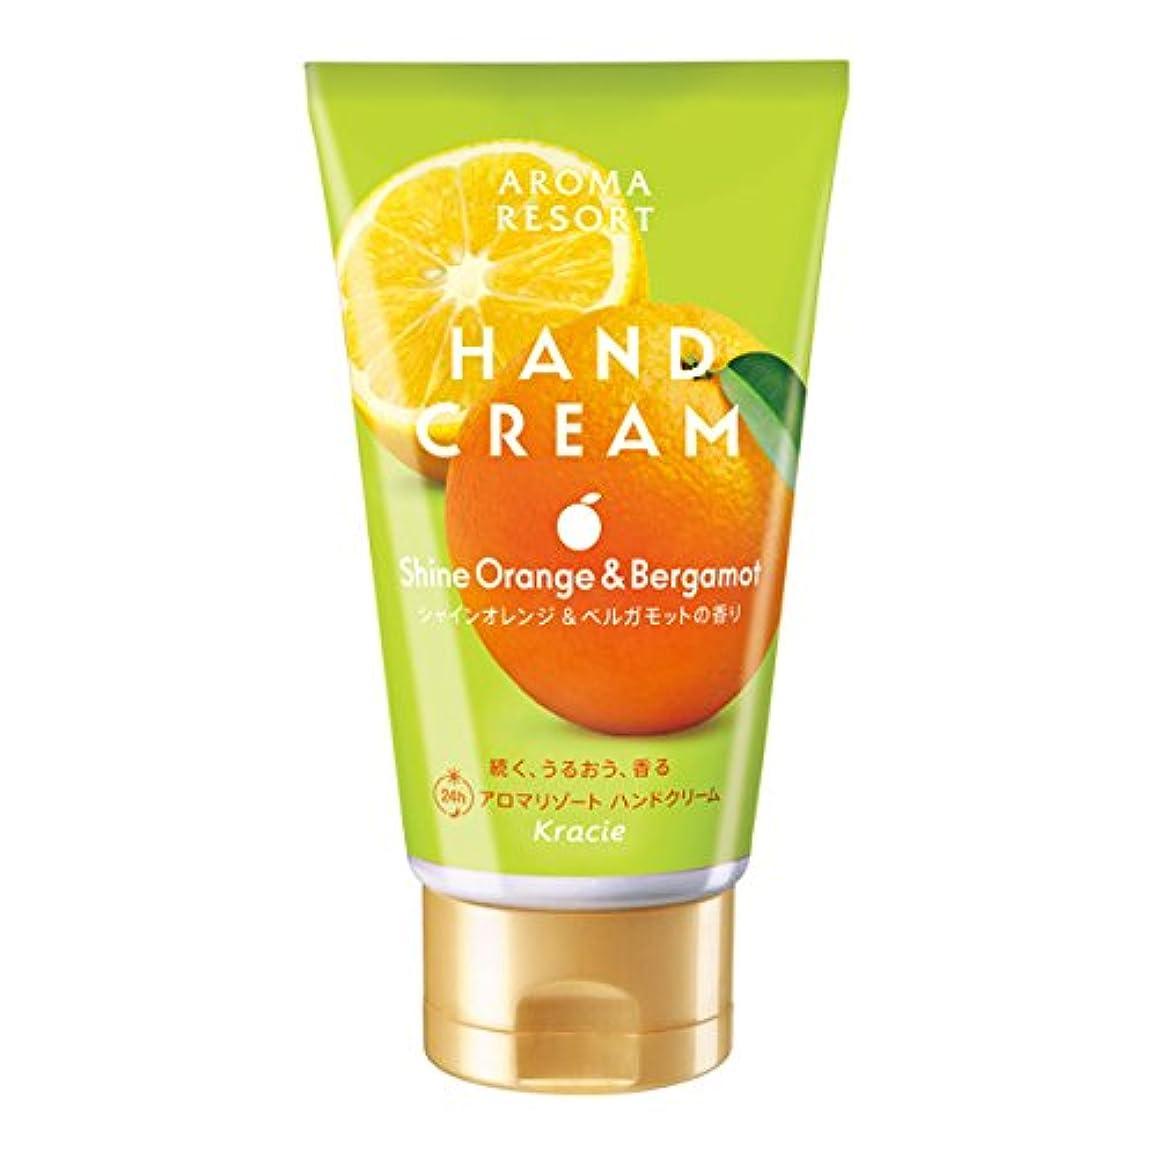 かりてタンザニアブリッジアロマリゾート ハンドクリーム シャインオレンジ&ベルガモットの香り 70g